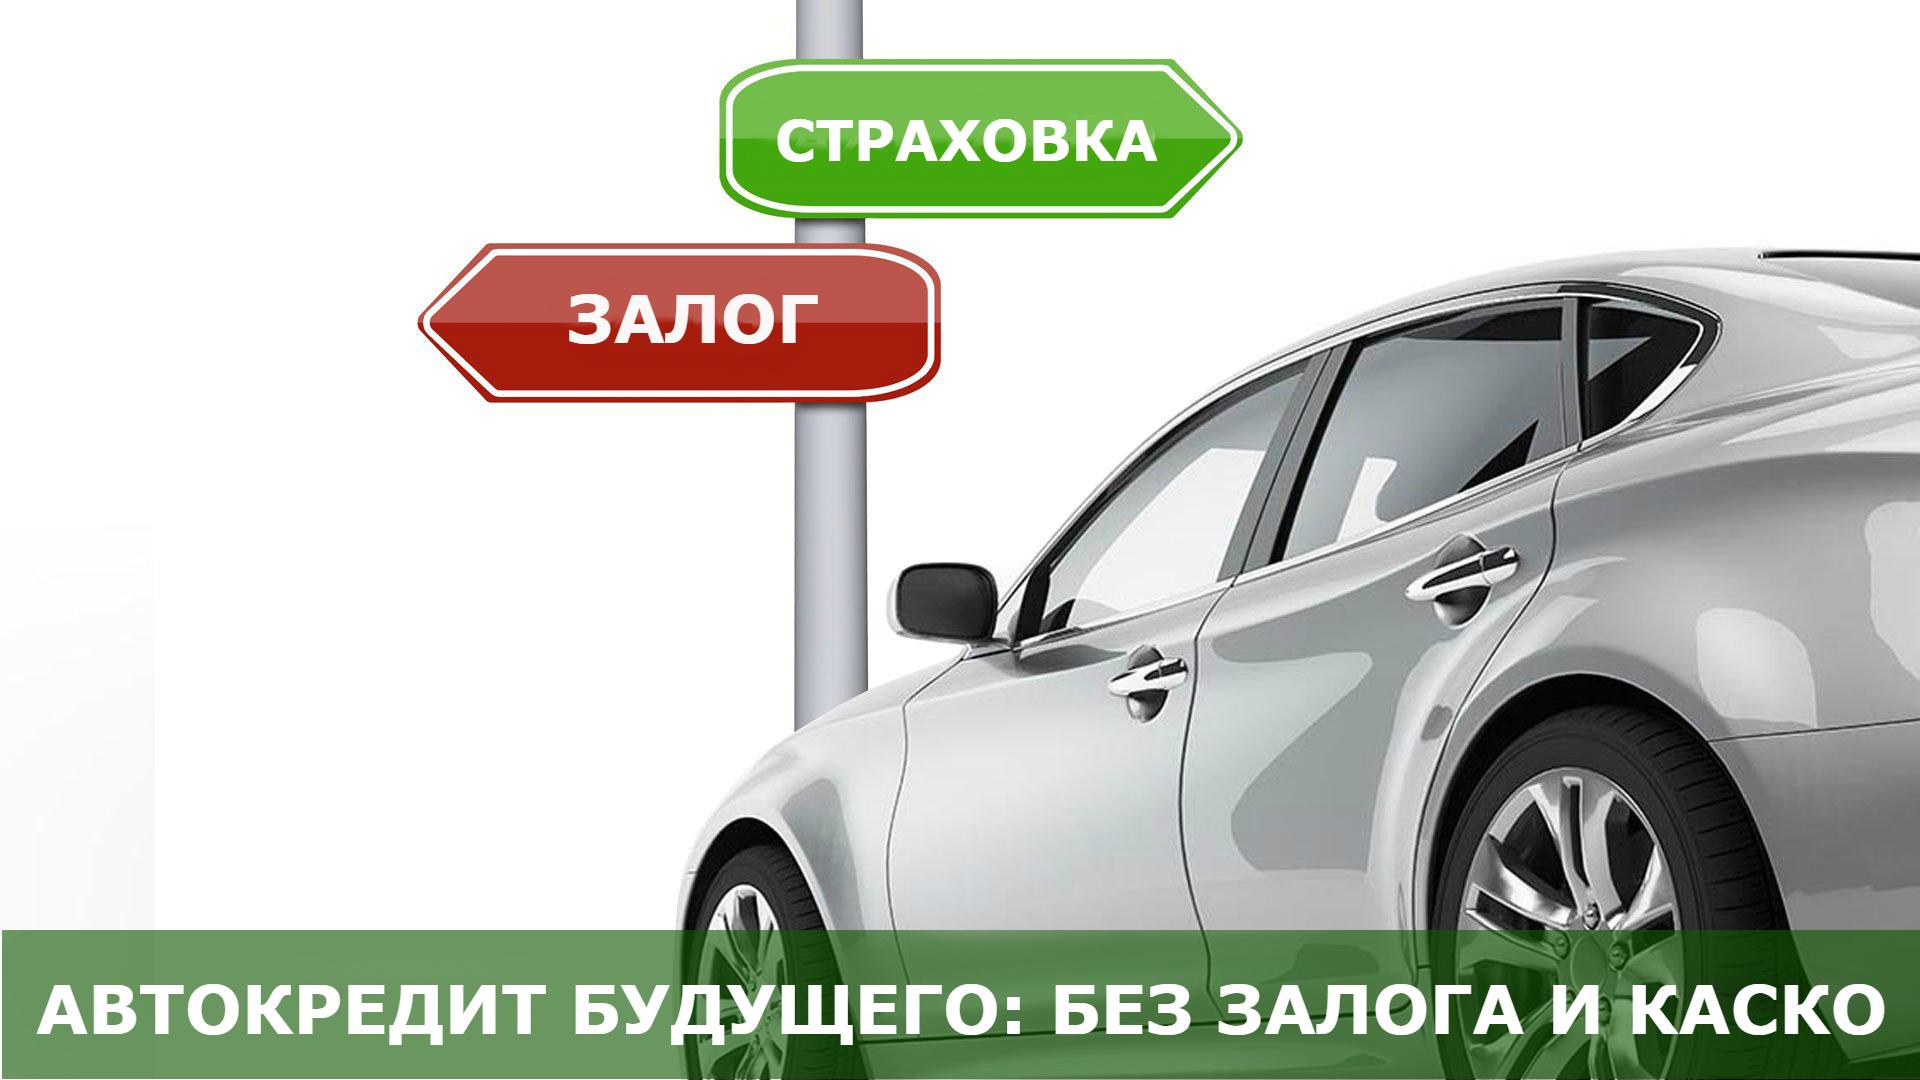 Купить авто б у в кредит без первоначального взноса в минске